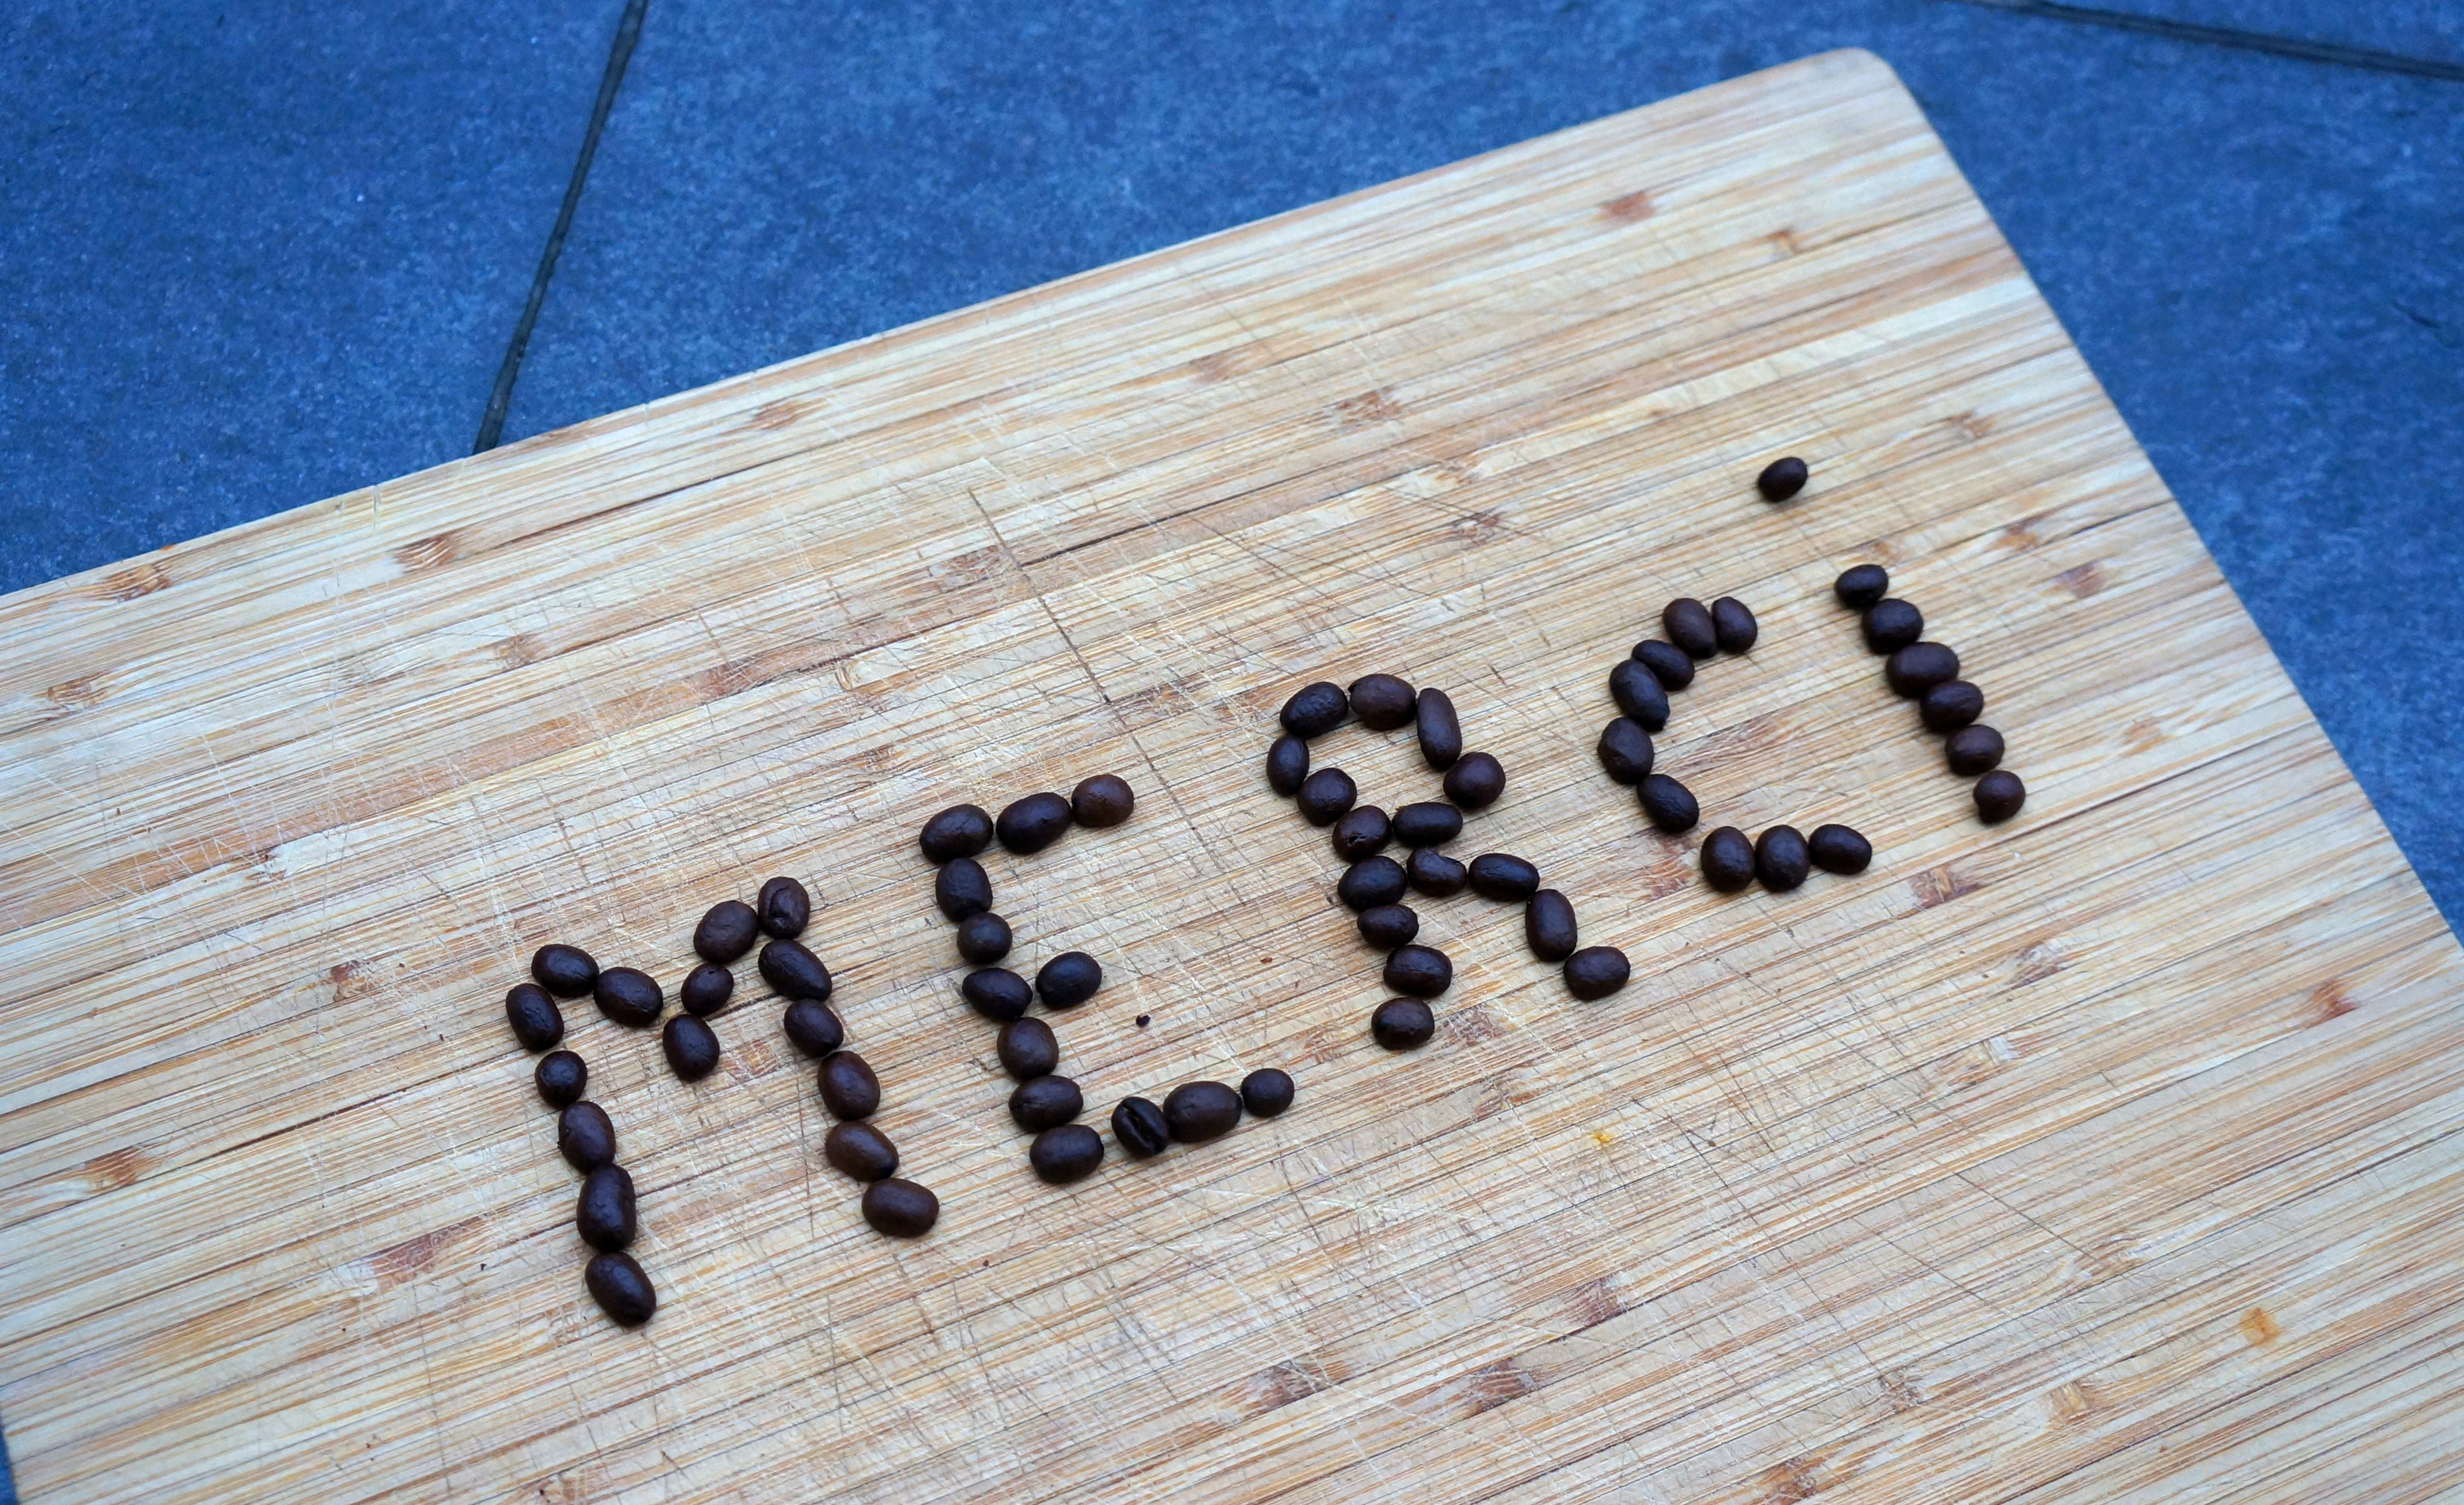 Merci réalisé avec des grains de Café